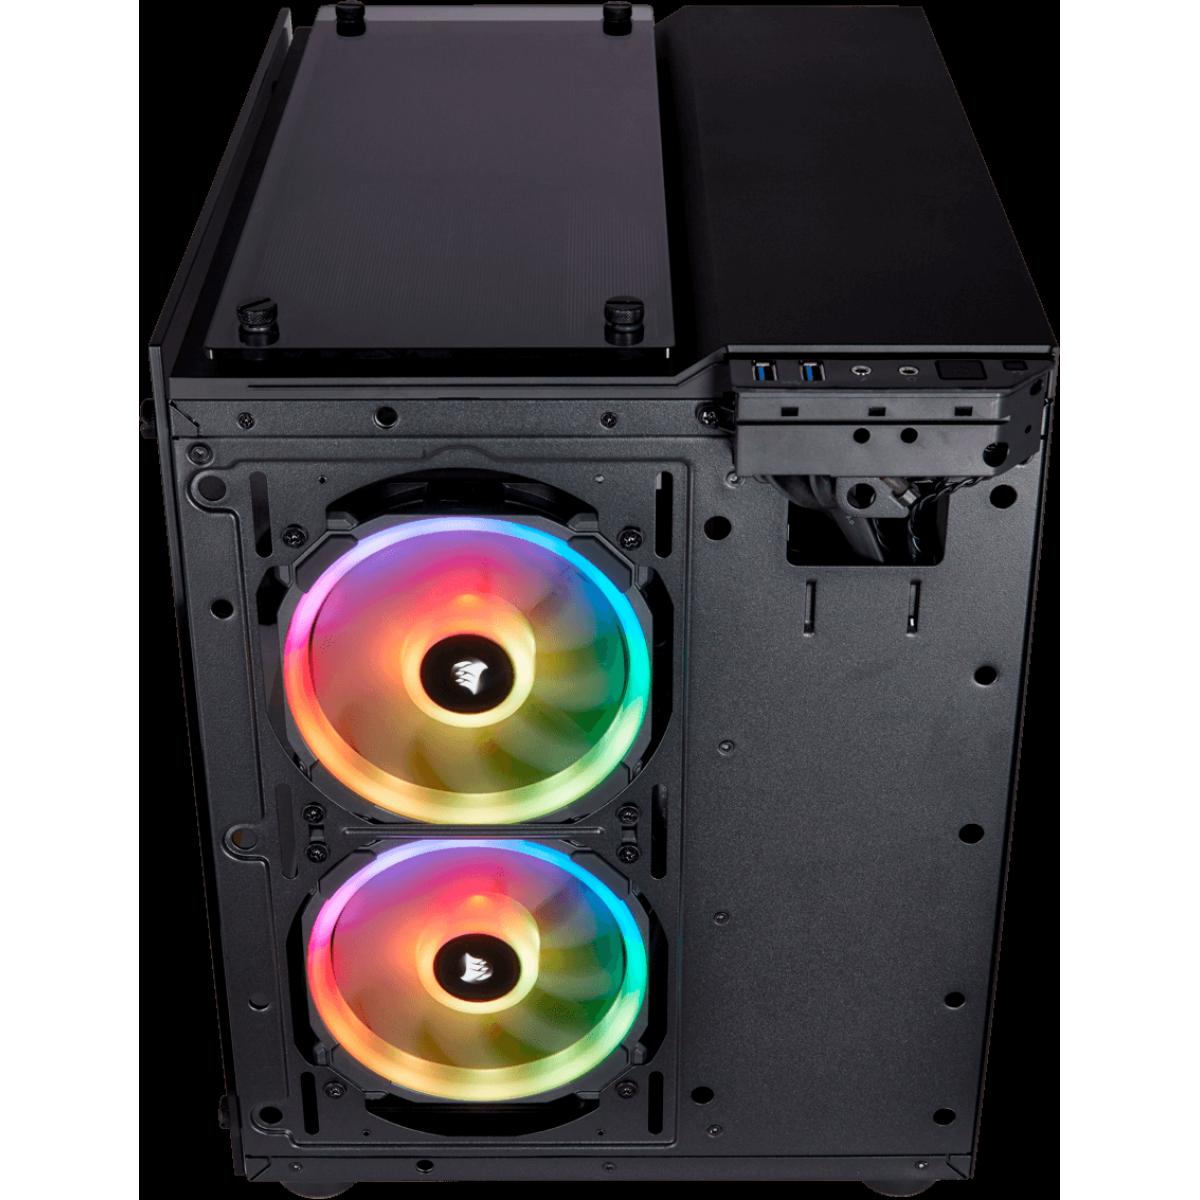 Gabinete Gamer Corsair Crystal 280x RGB, Mini Tower, Sem Fan, Vidro Temperado, Black, Sem Fonte, CC-9011135-WW